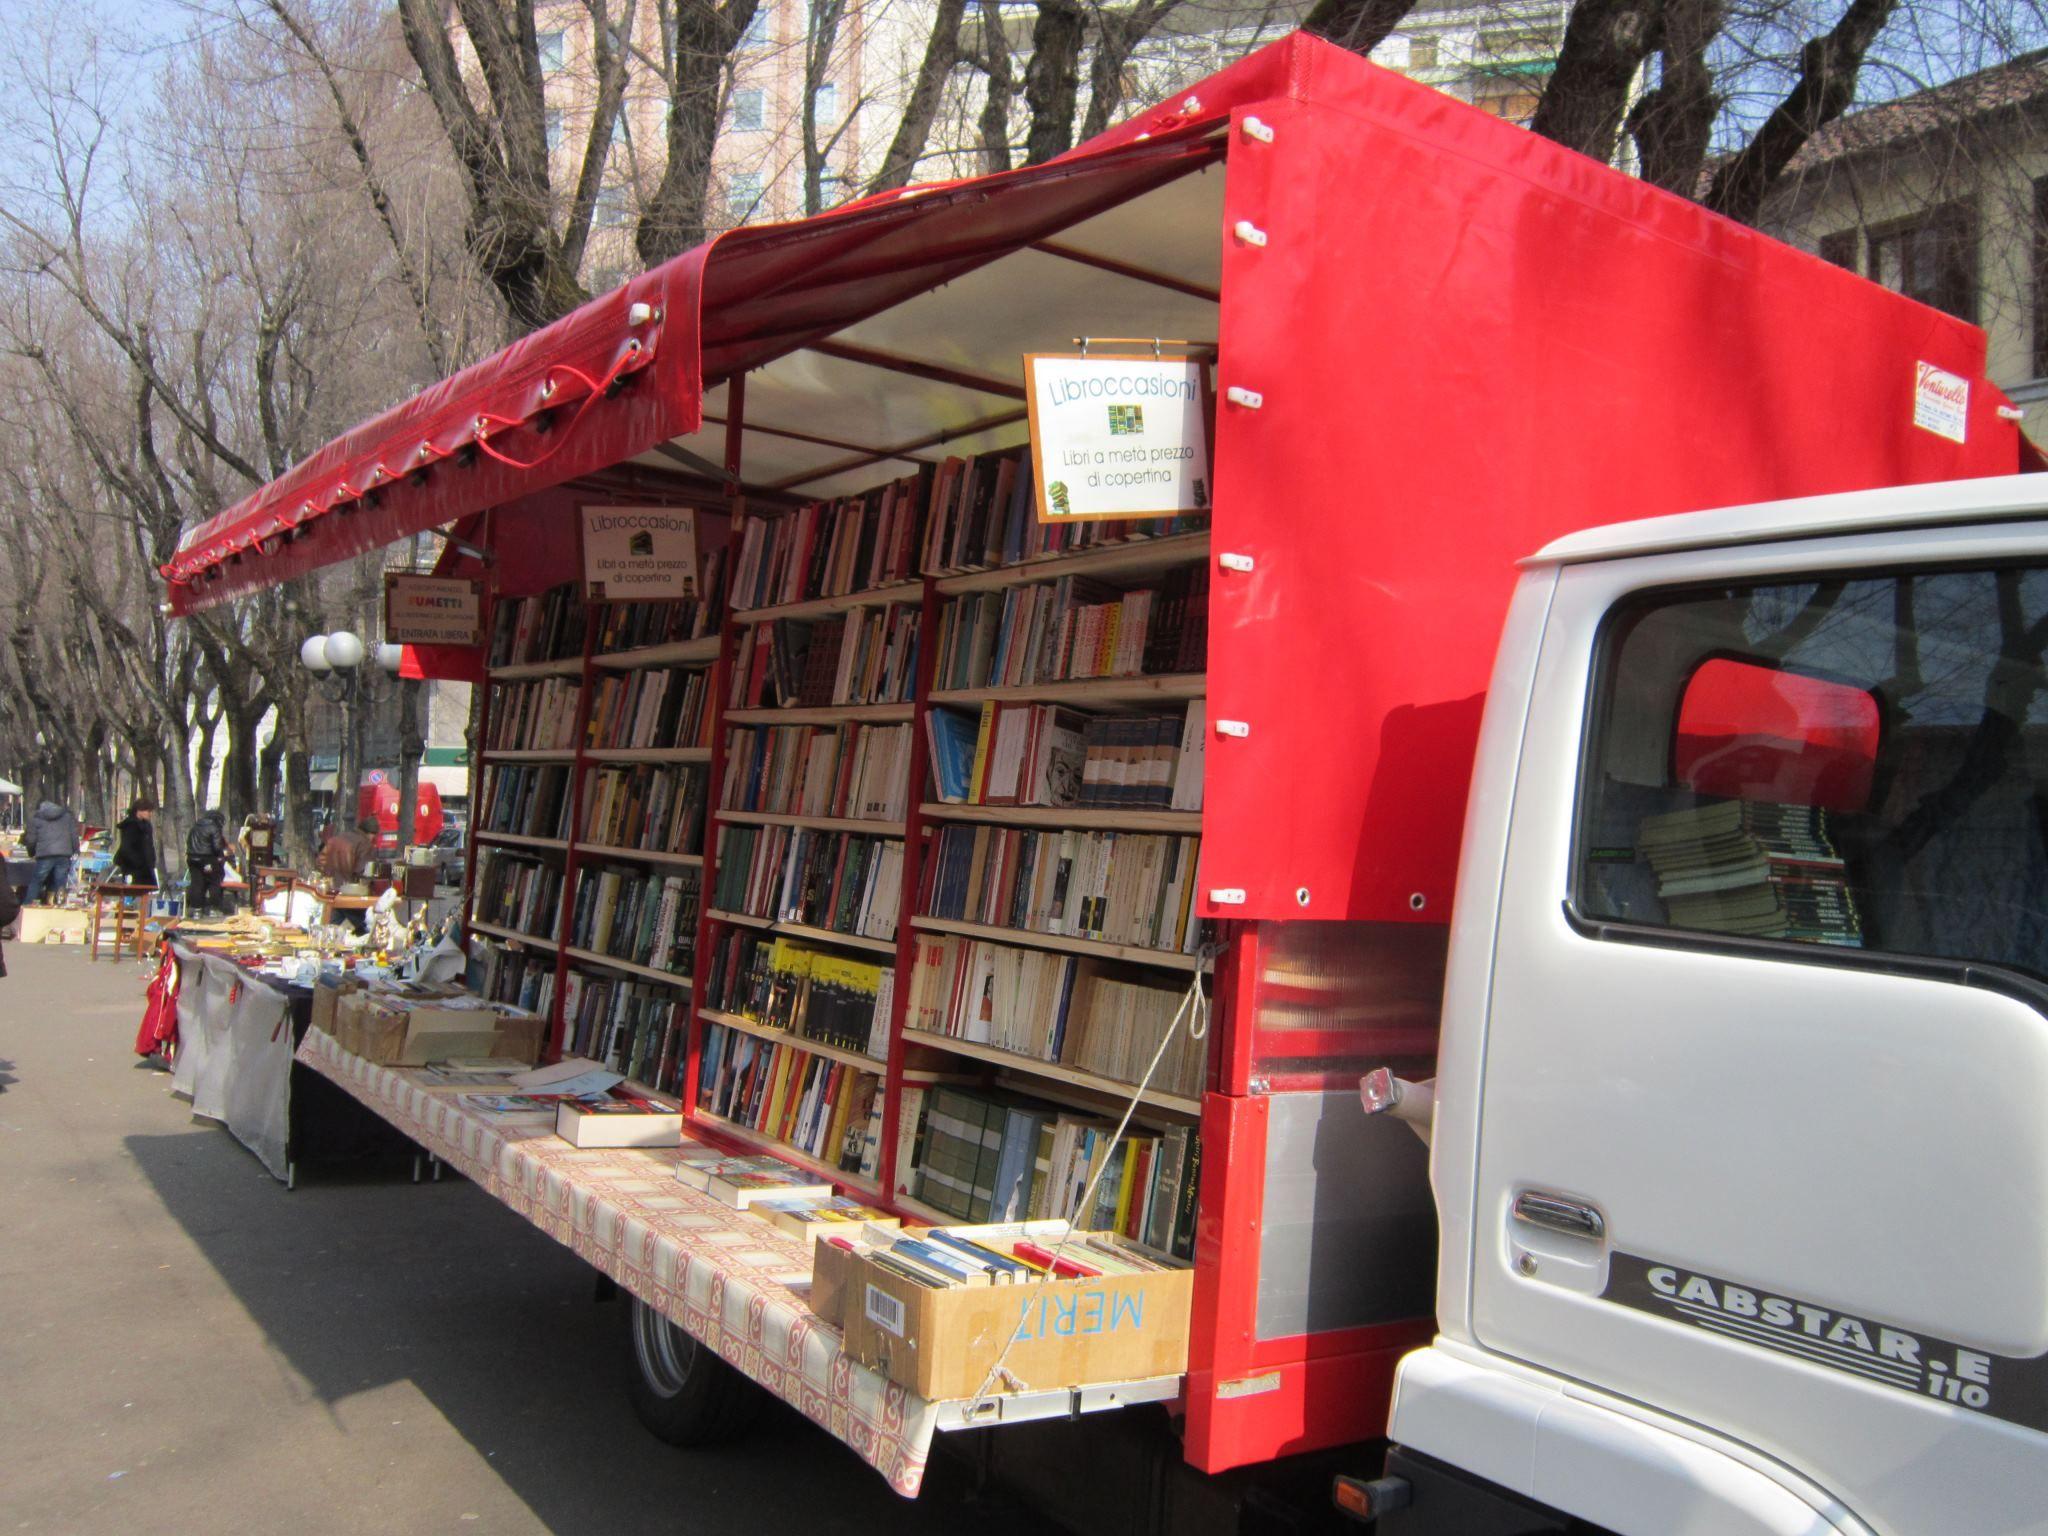 Librairie mobile, marché de Barlafus - Vercelli, Piemont, Italie